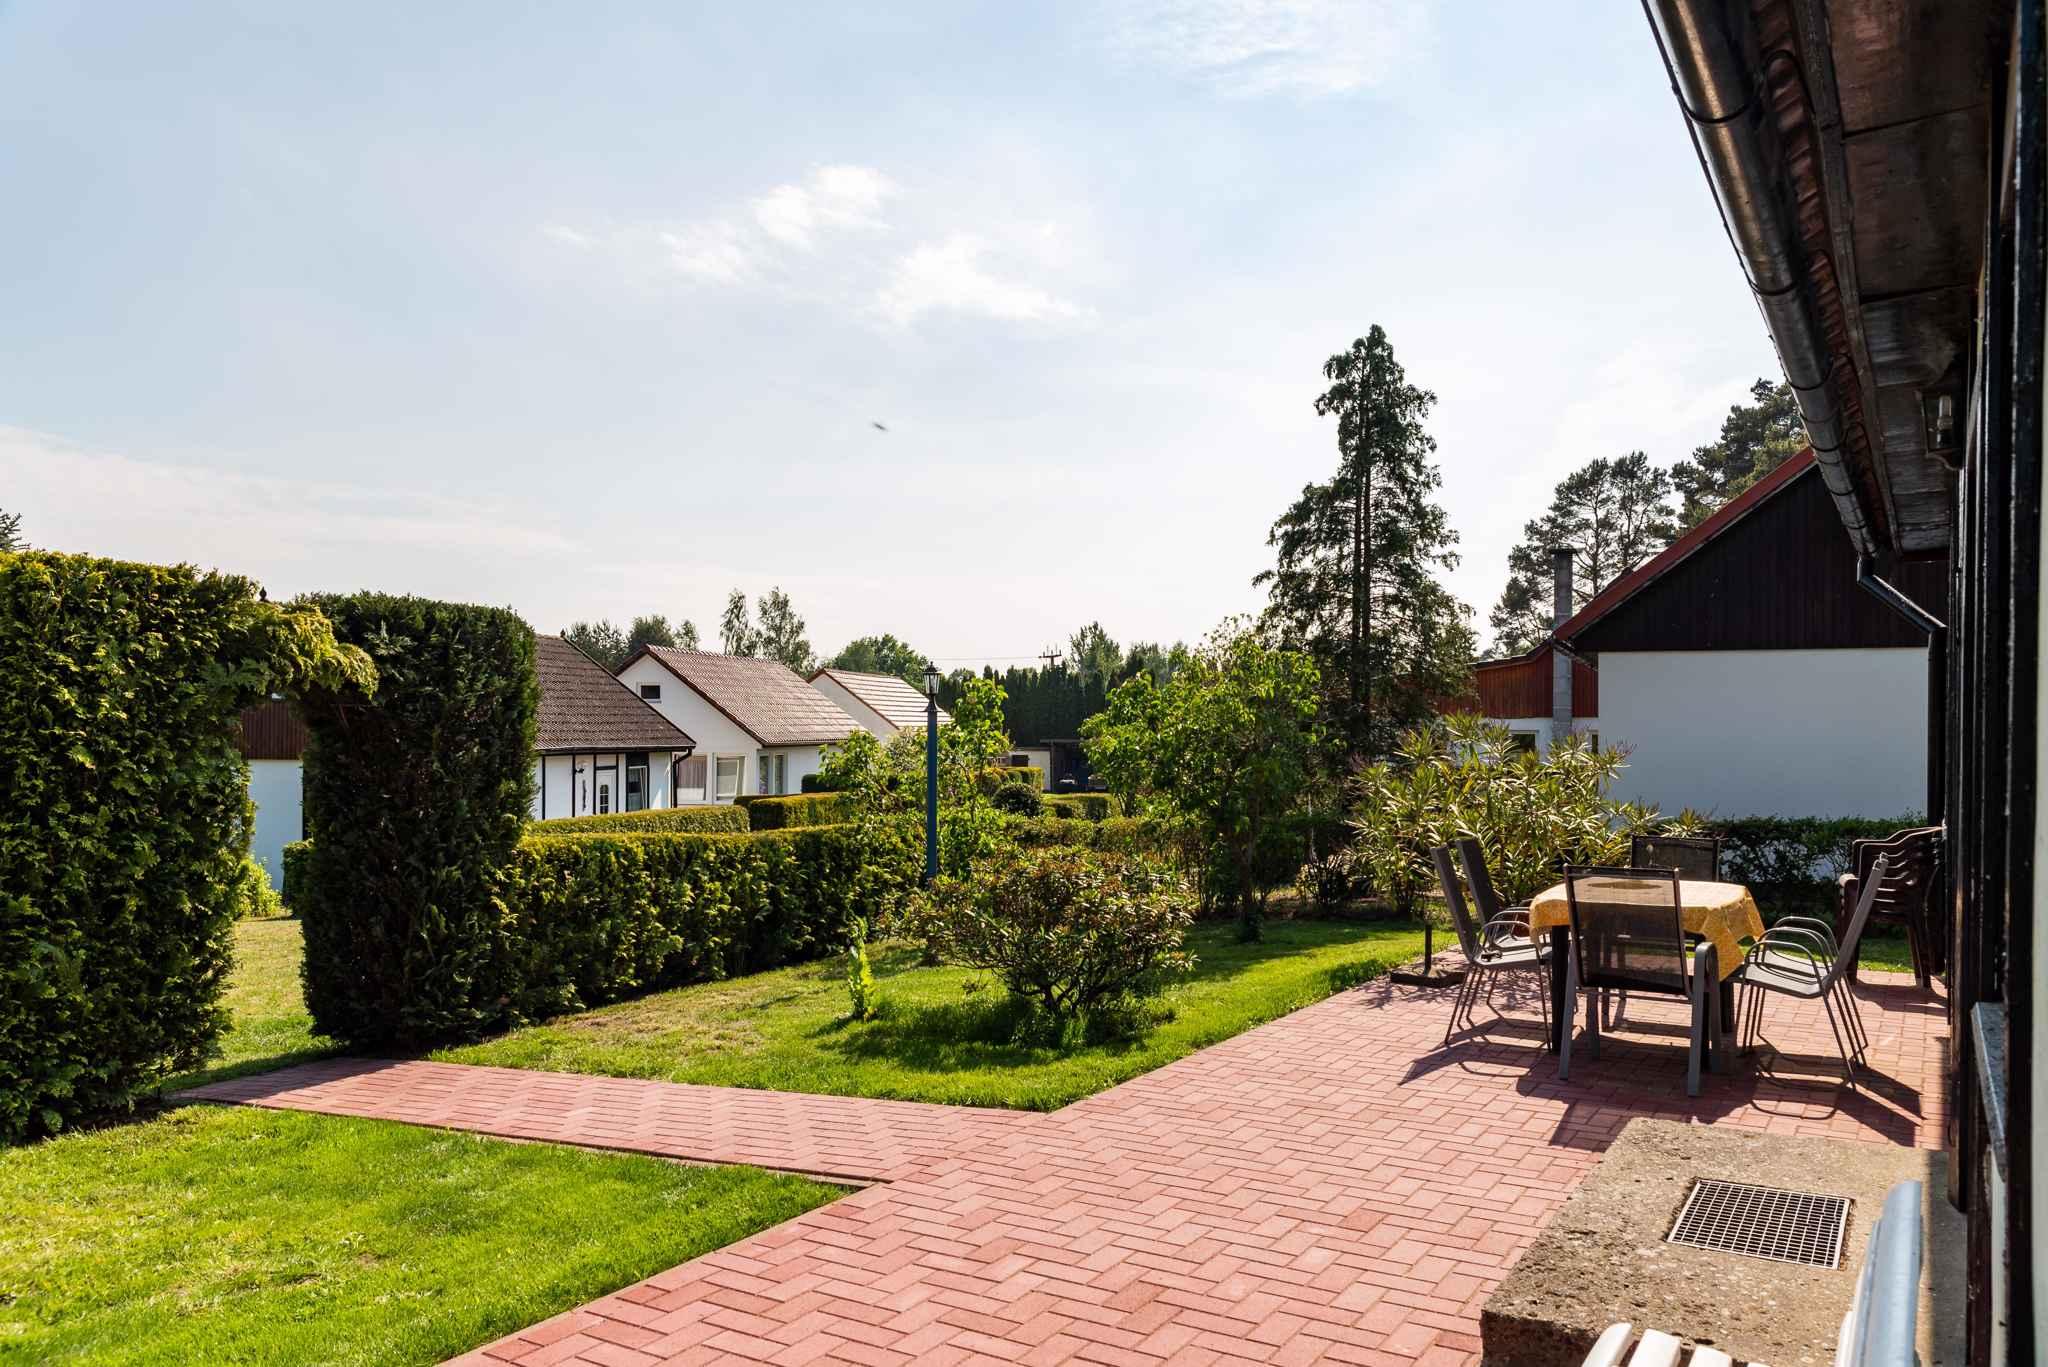 Ferienhaus Bungalow mit Terrasse und Garten (365438), Fuhlendorf, Ostseeküste Mecklenburg-Vorpommern, Mecklenburg-Vorpommern, Deutschland, Bild 18